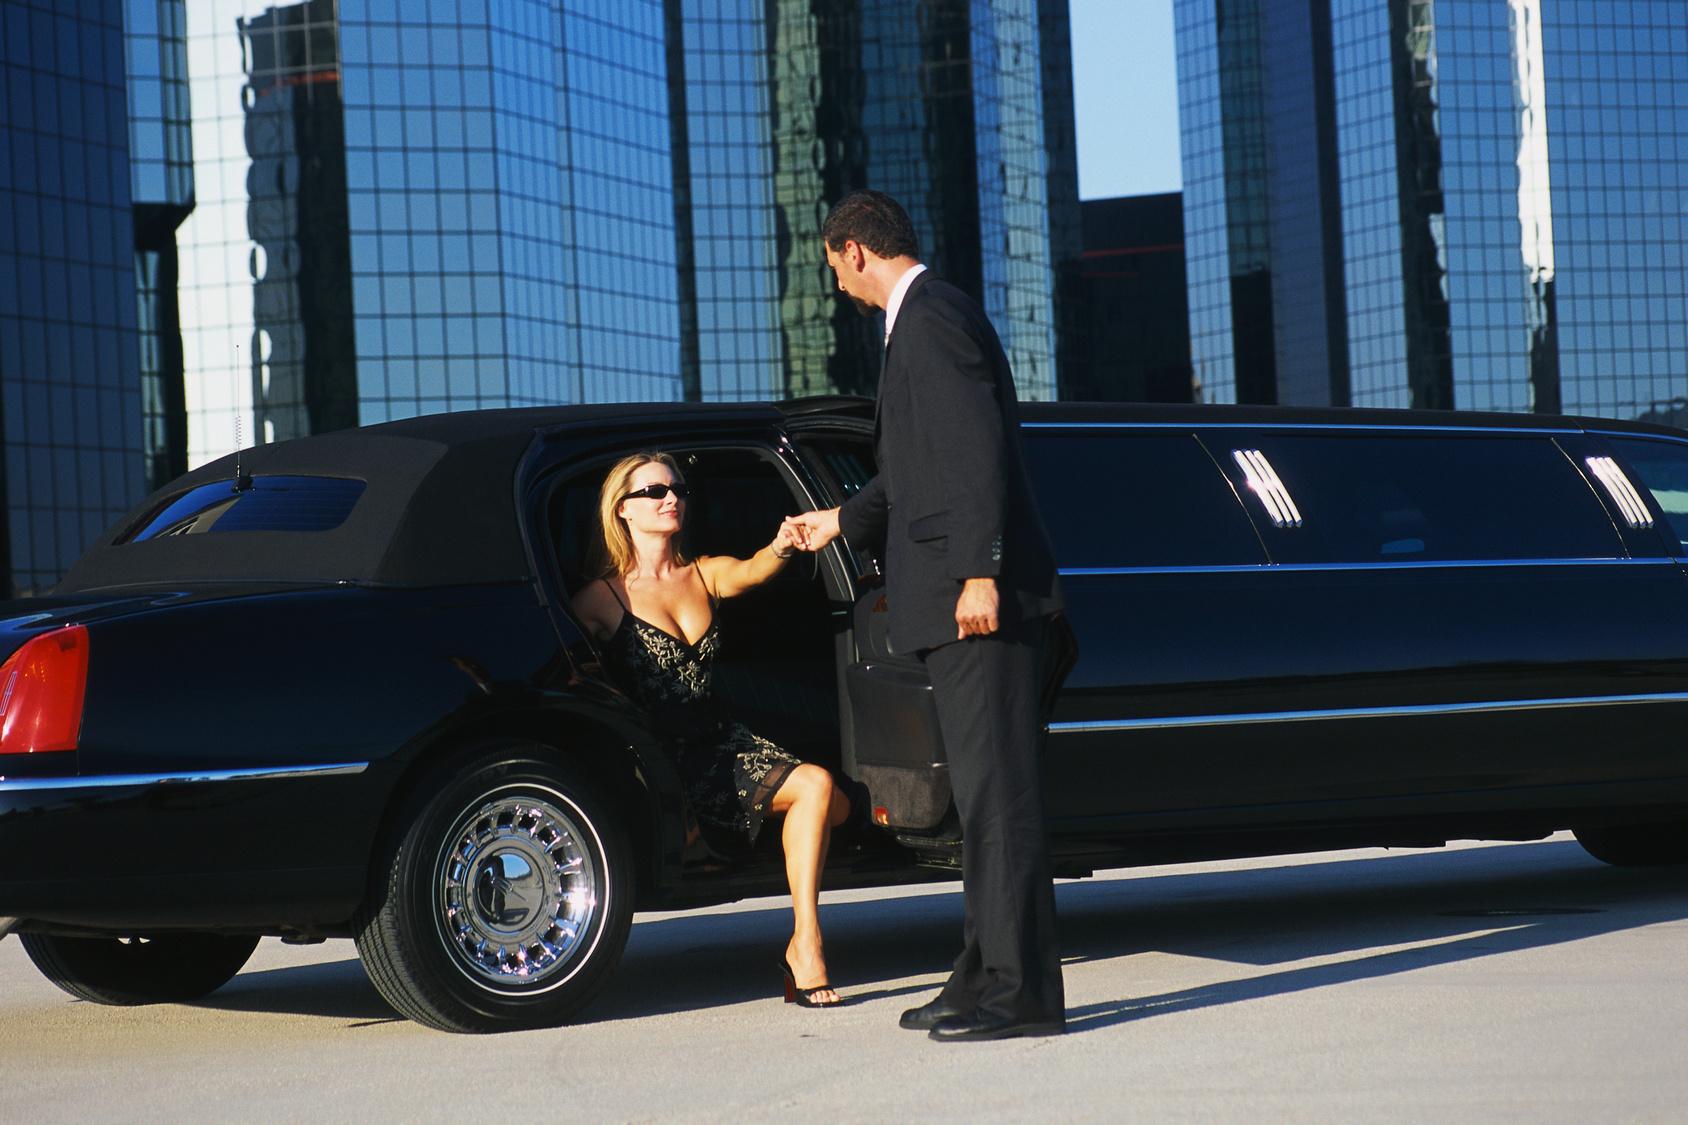 Viajes exclusivos con LimussineCC - mujer bajando de limusine ayudada por el conductor